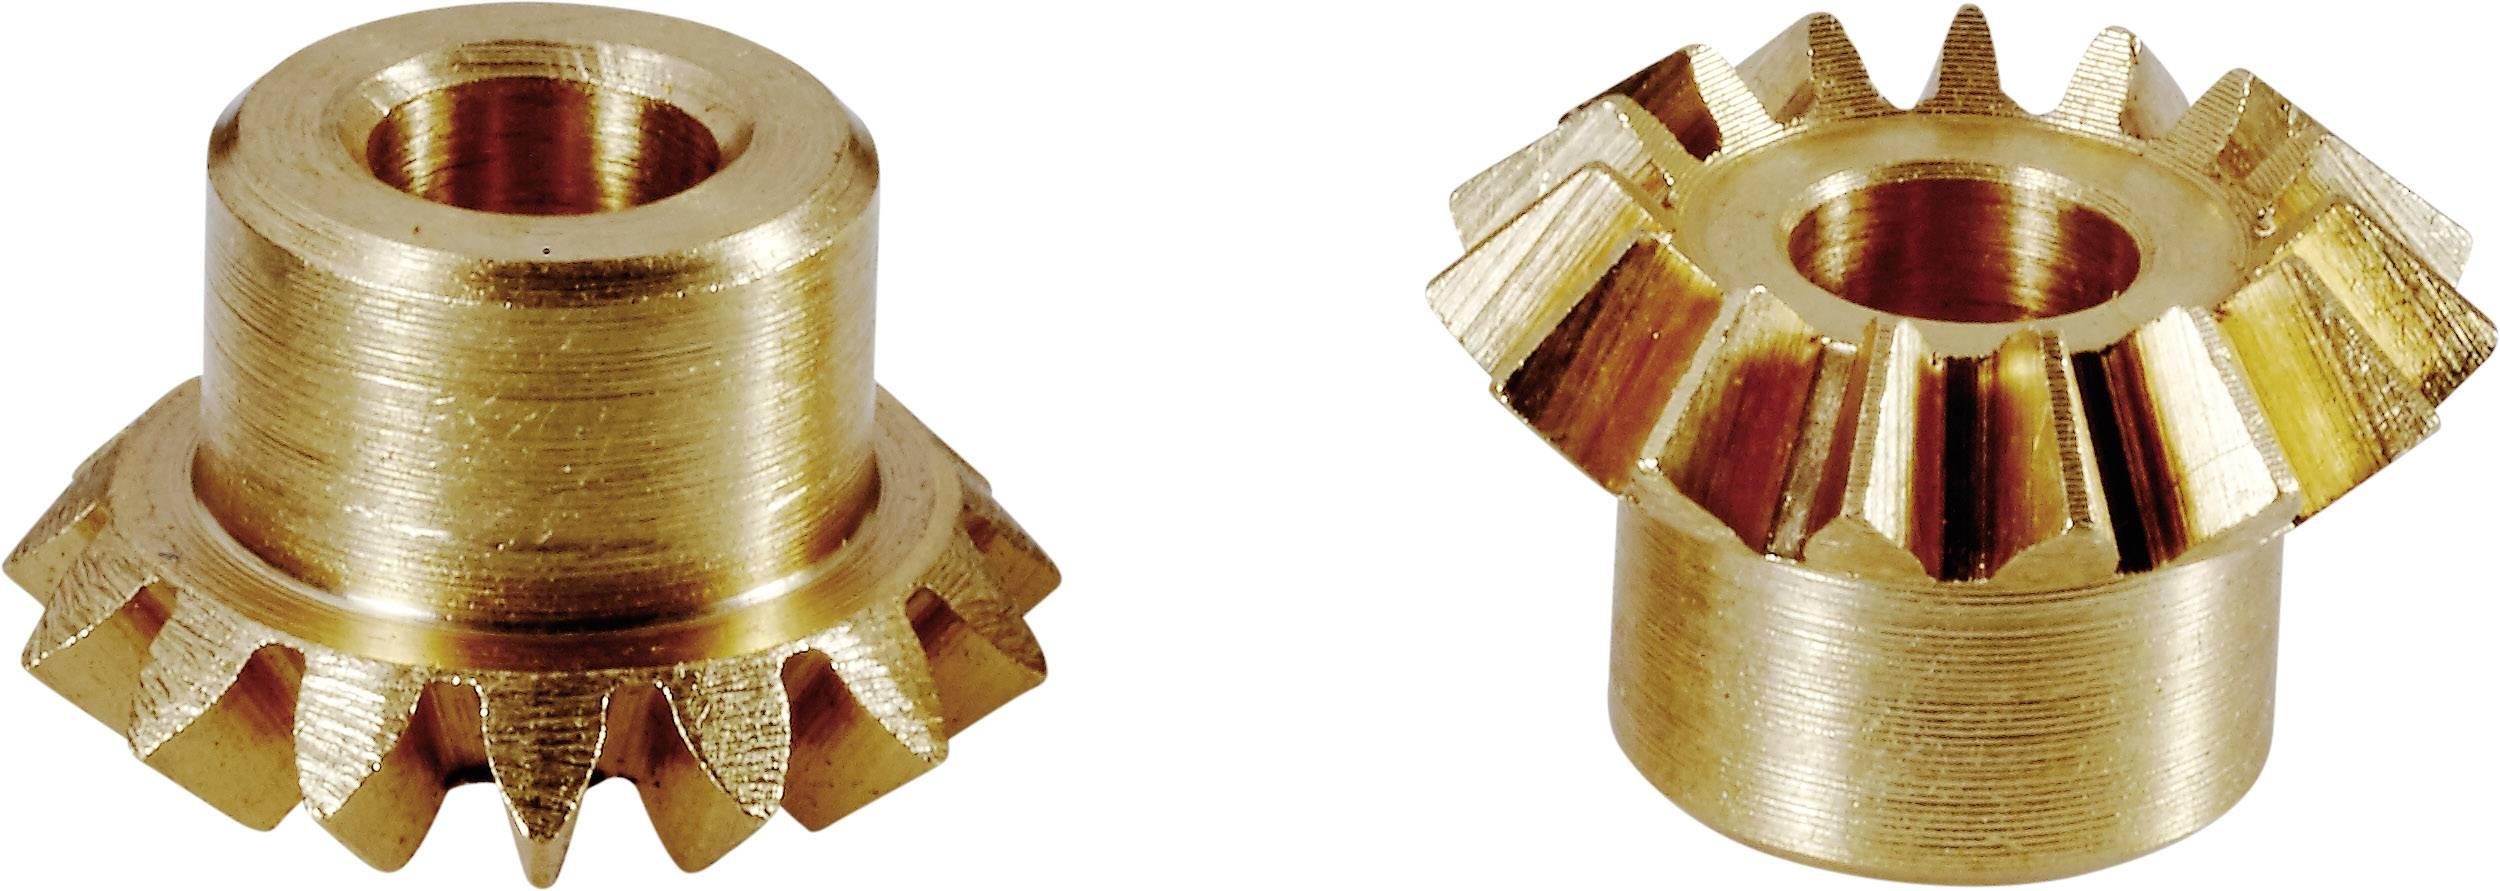 Mosazné ozubené kolo kuželové Modelcraft, M0.75, 15 zubů, 2 ks